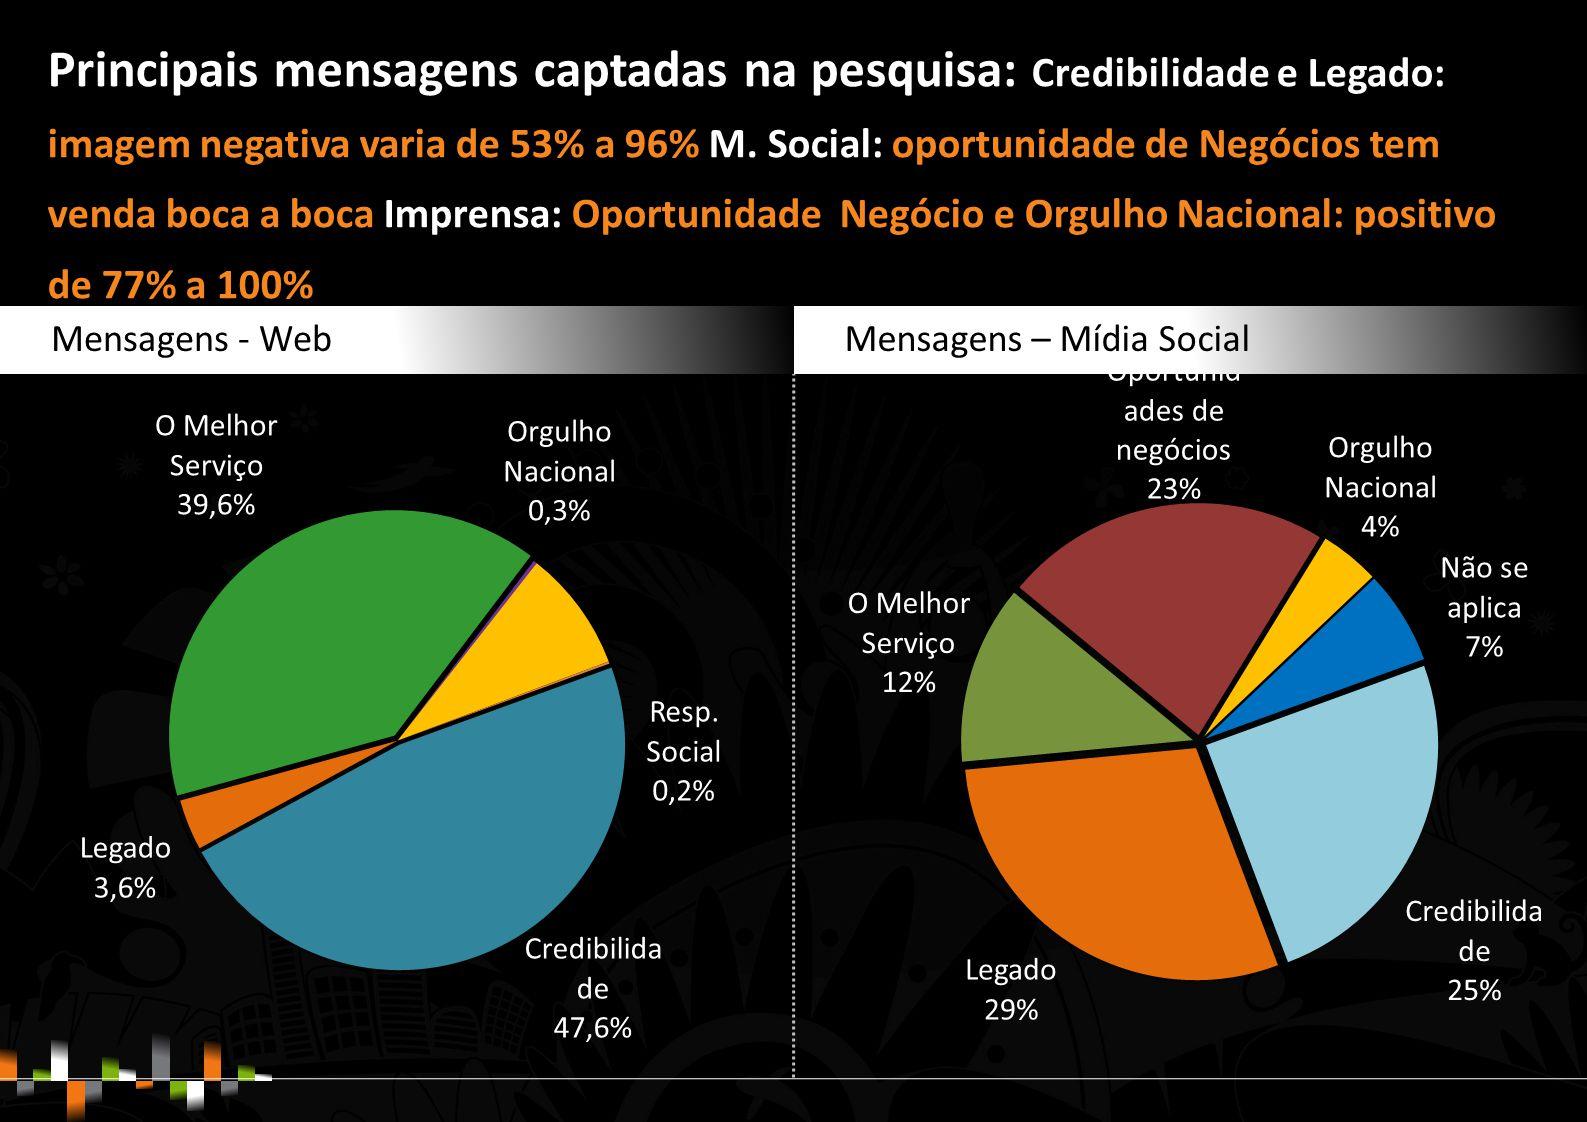 Principais mensagens captadas na pesquisa: Credibilidade e Legado: imagem negativa varia de 53% a 96% M.